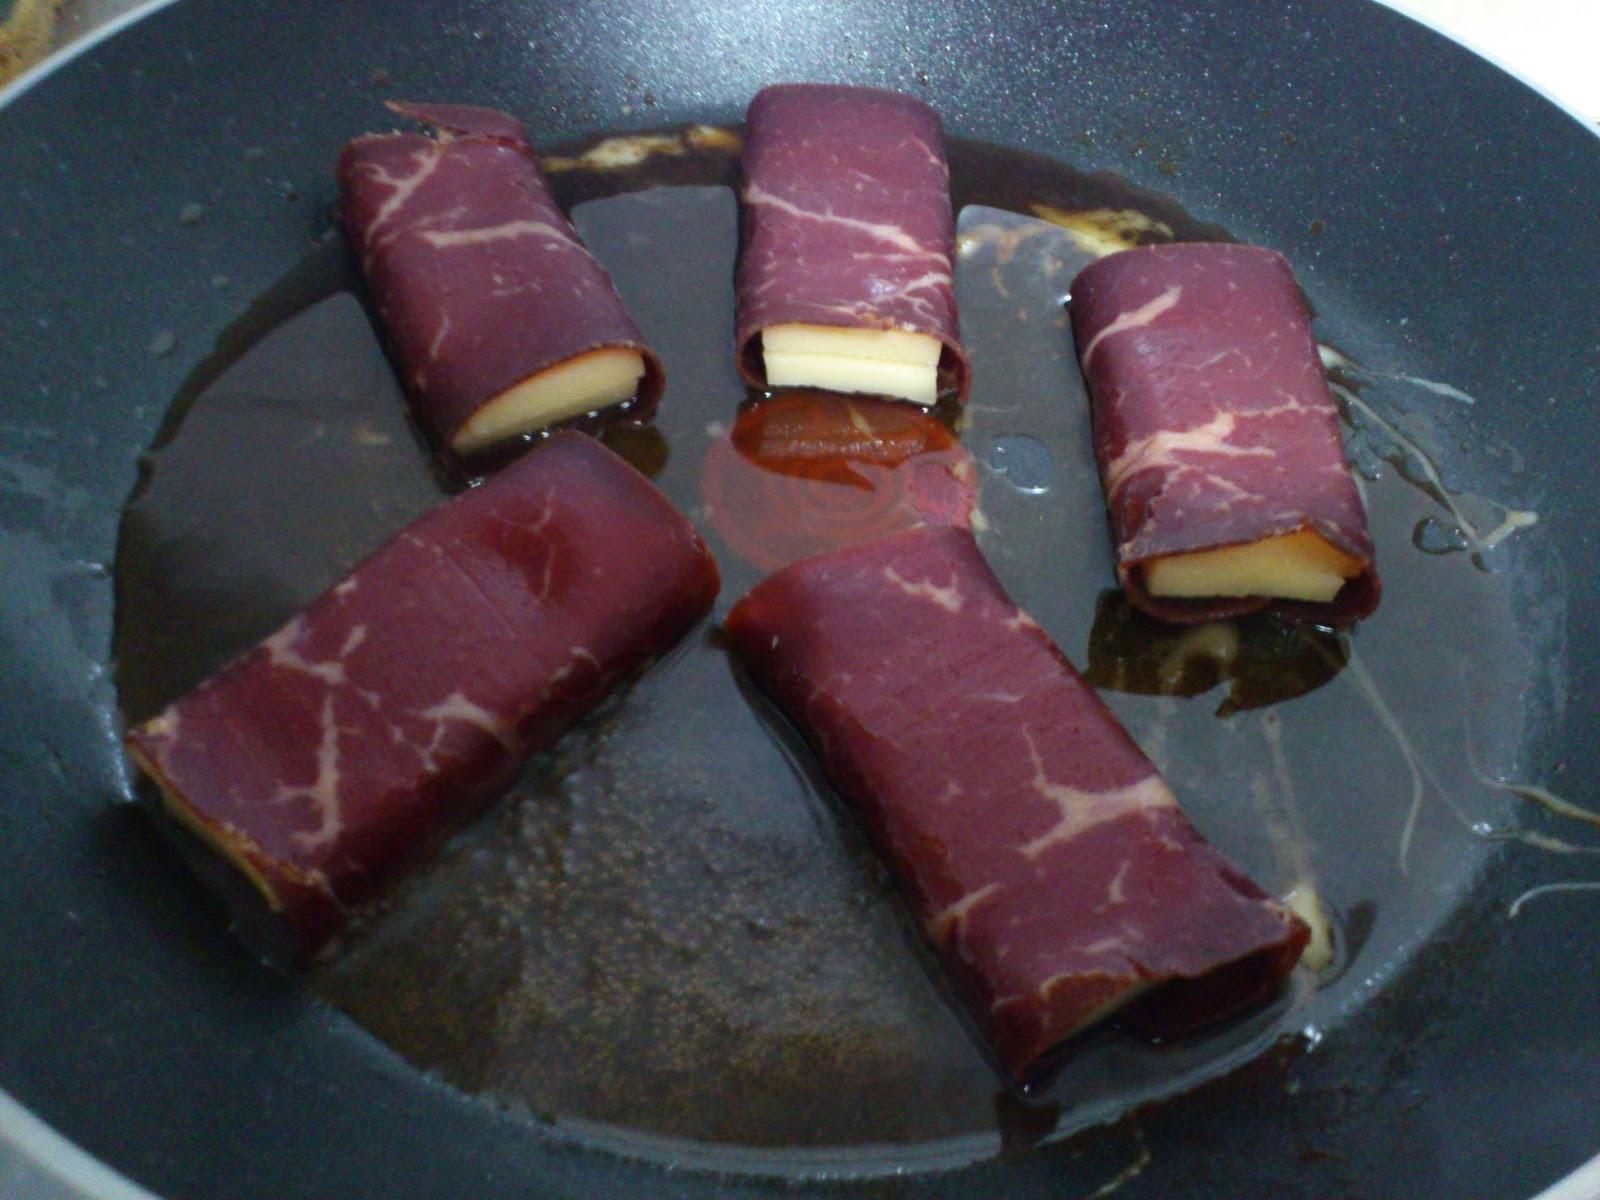 Le blog de ghislaine yakitori suisse raclette et viande - Raclette a la poele ...